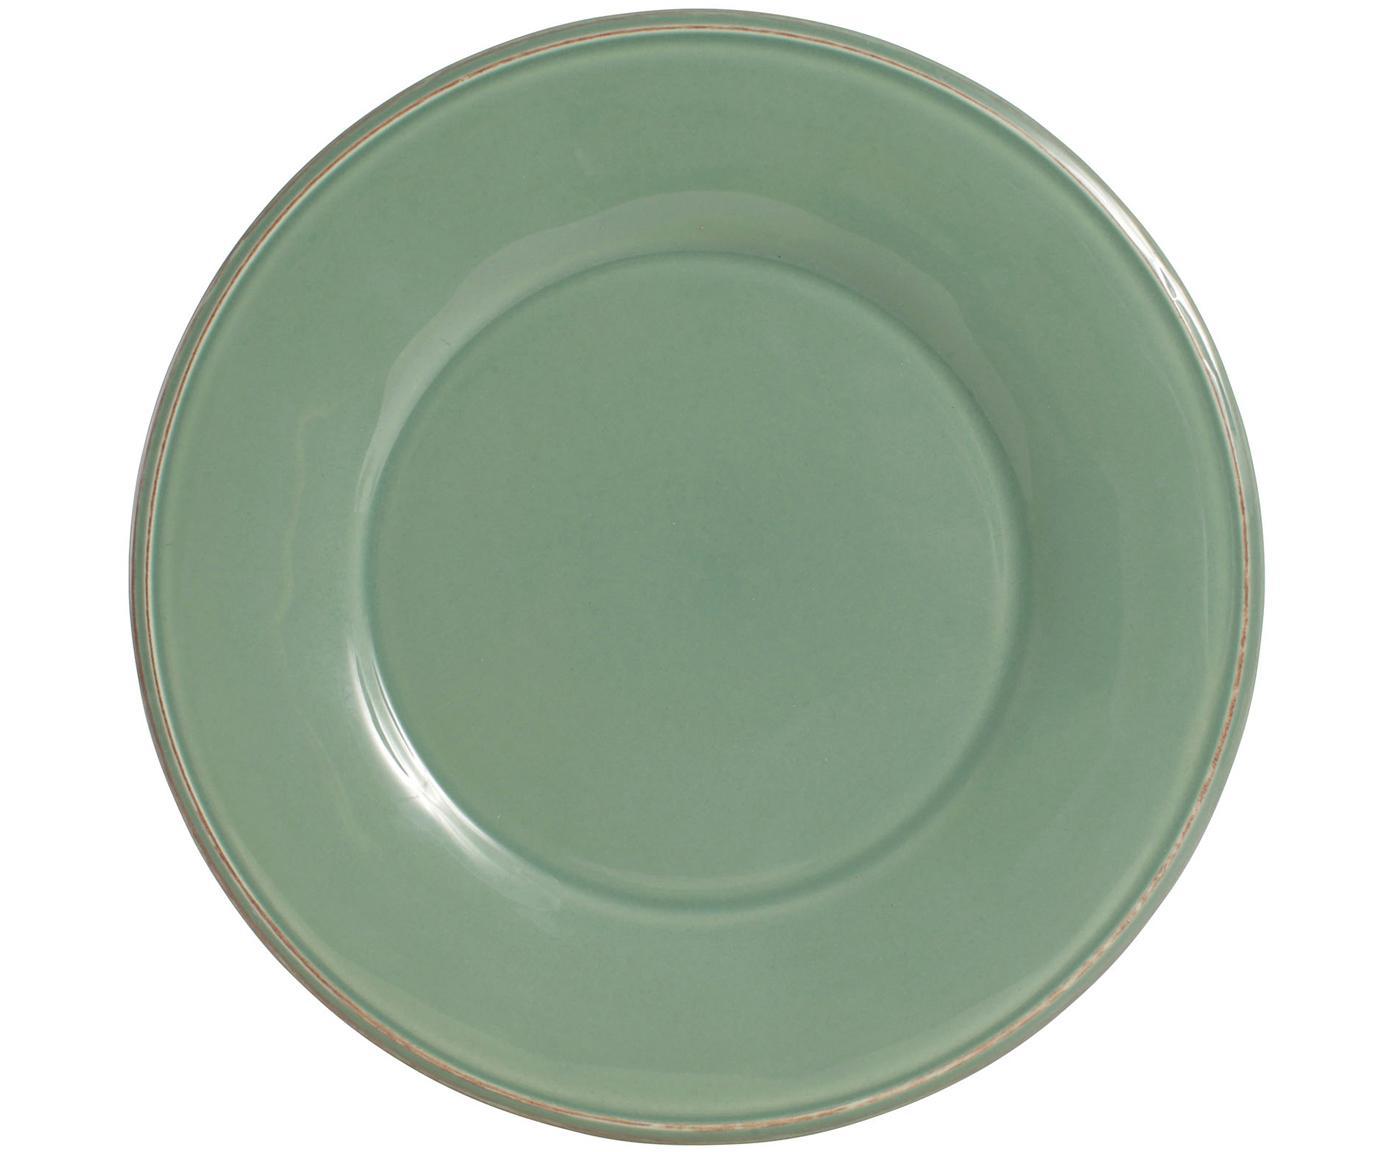 Talerz duży Constance, 2 szt., Ceramika, Szałwiowa zieleń, Ø 29 cm